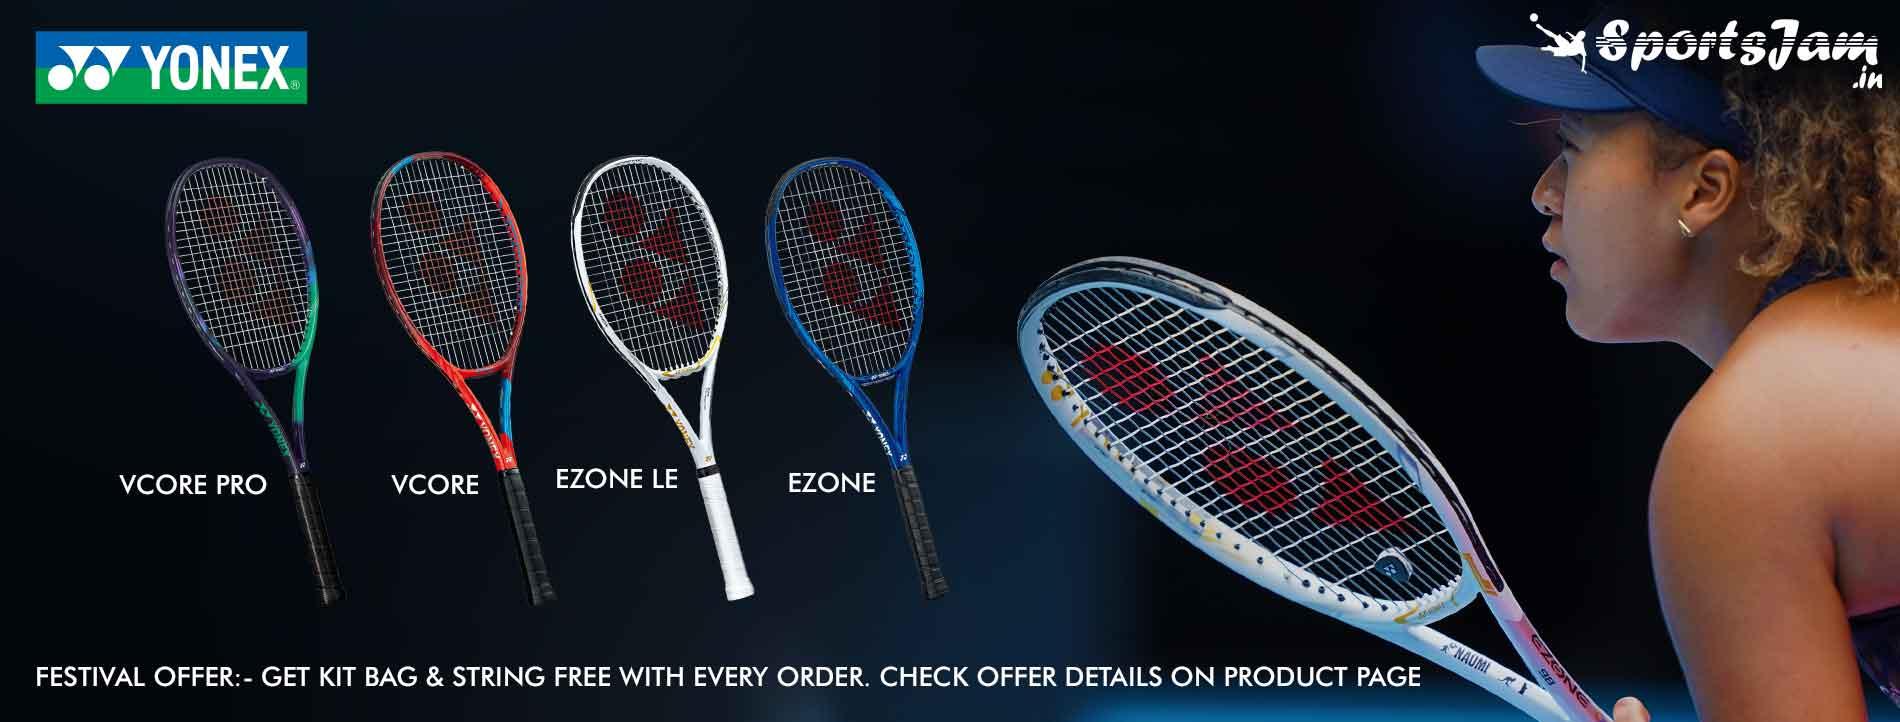 Yonex Racquet Offer